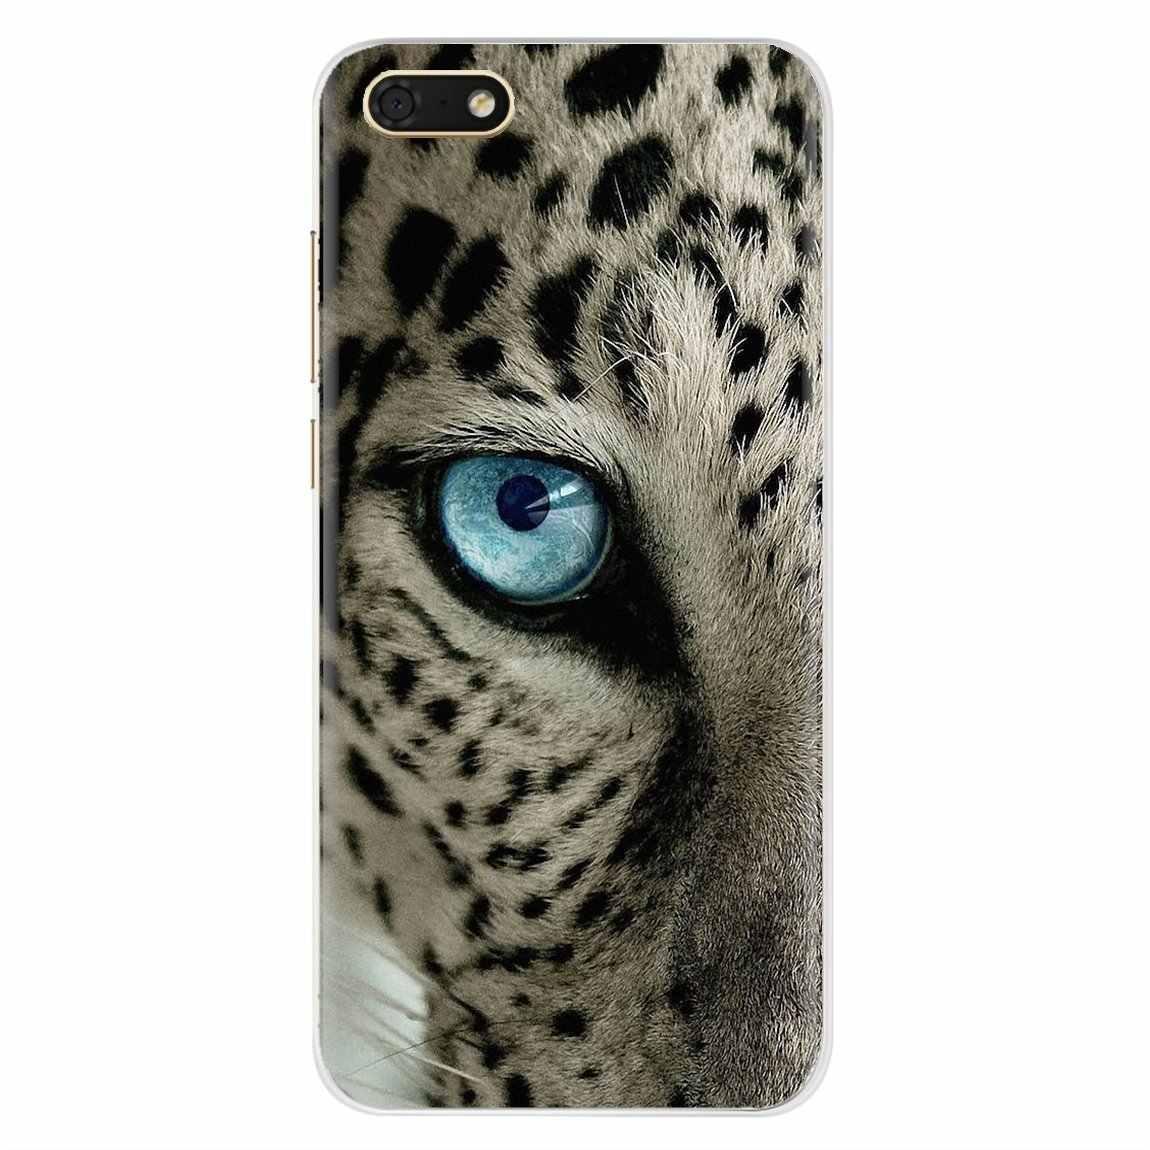 Einzelhandel Silikon Telefon Fall Obst Welle Katze Lion Leopard Tiger Für ZTE Klinge A520 A512 A452 A602 A5 2019 V6 v7 V8 V9 V10 Lite Viat